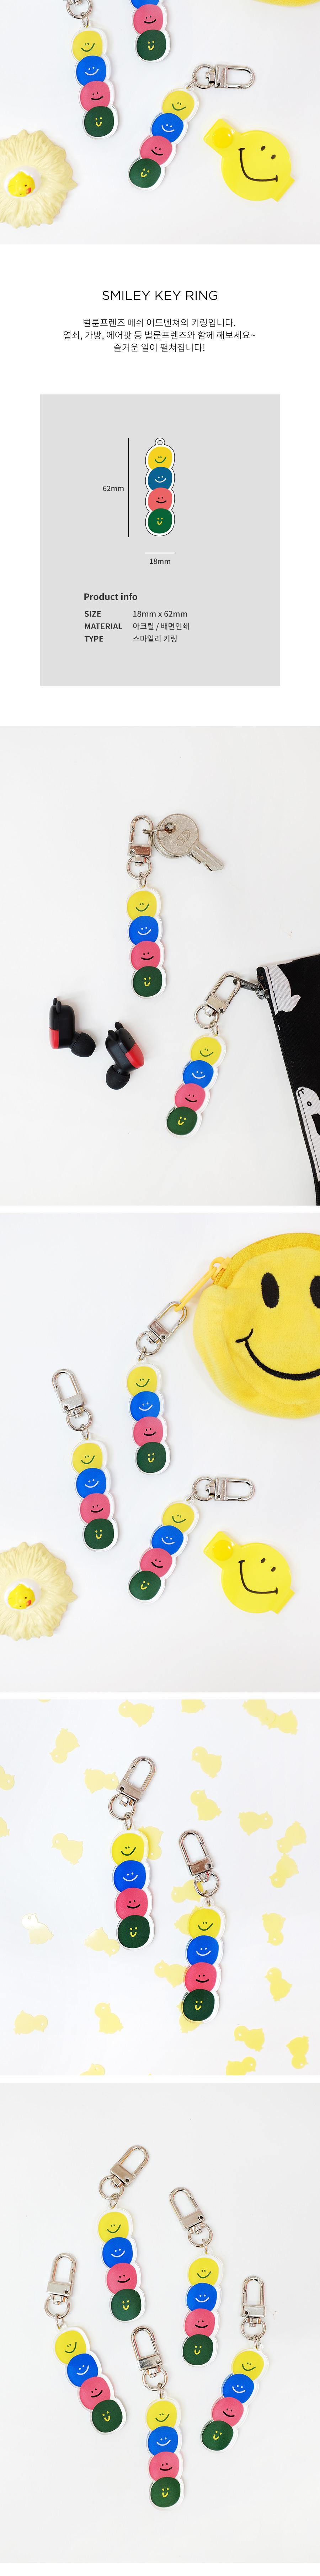 벌룬프렌즈 캐릭터 아크릴 키링 - 스마일리 - 벌룬프렌즈, 4,500원, 열쇠고리/키커버, 캐릭터